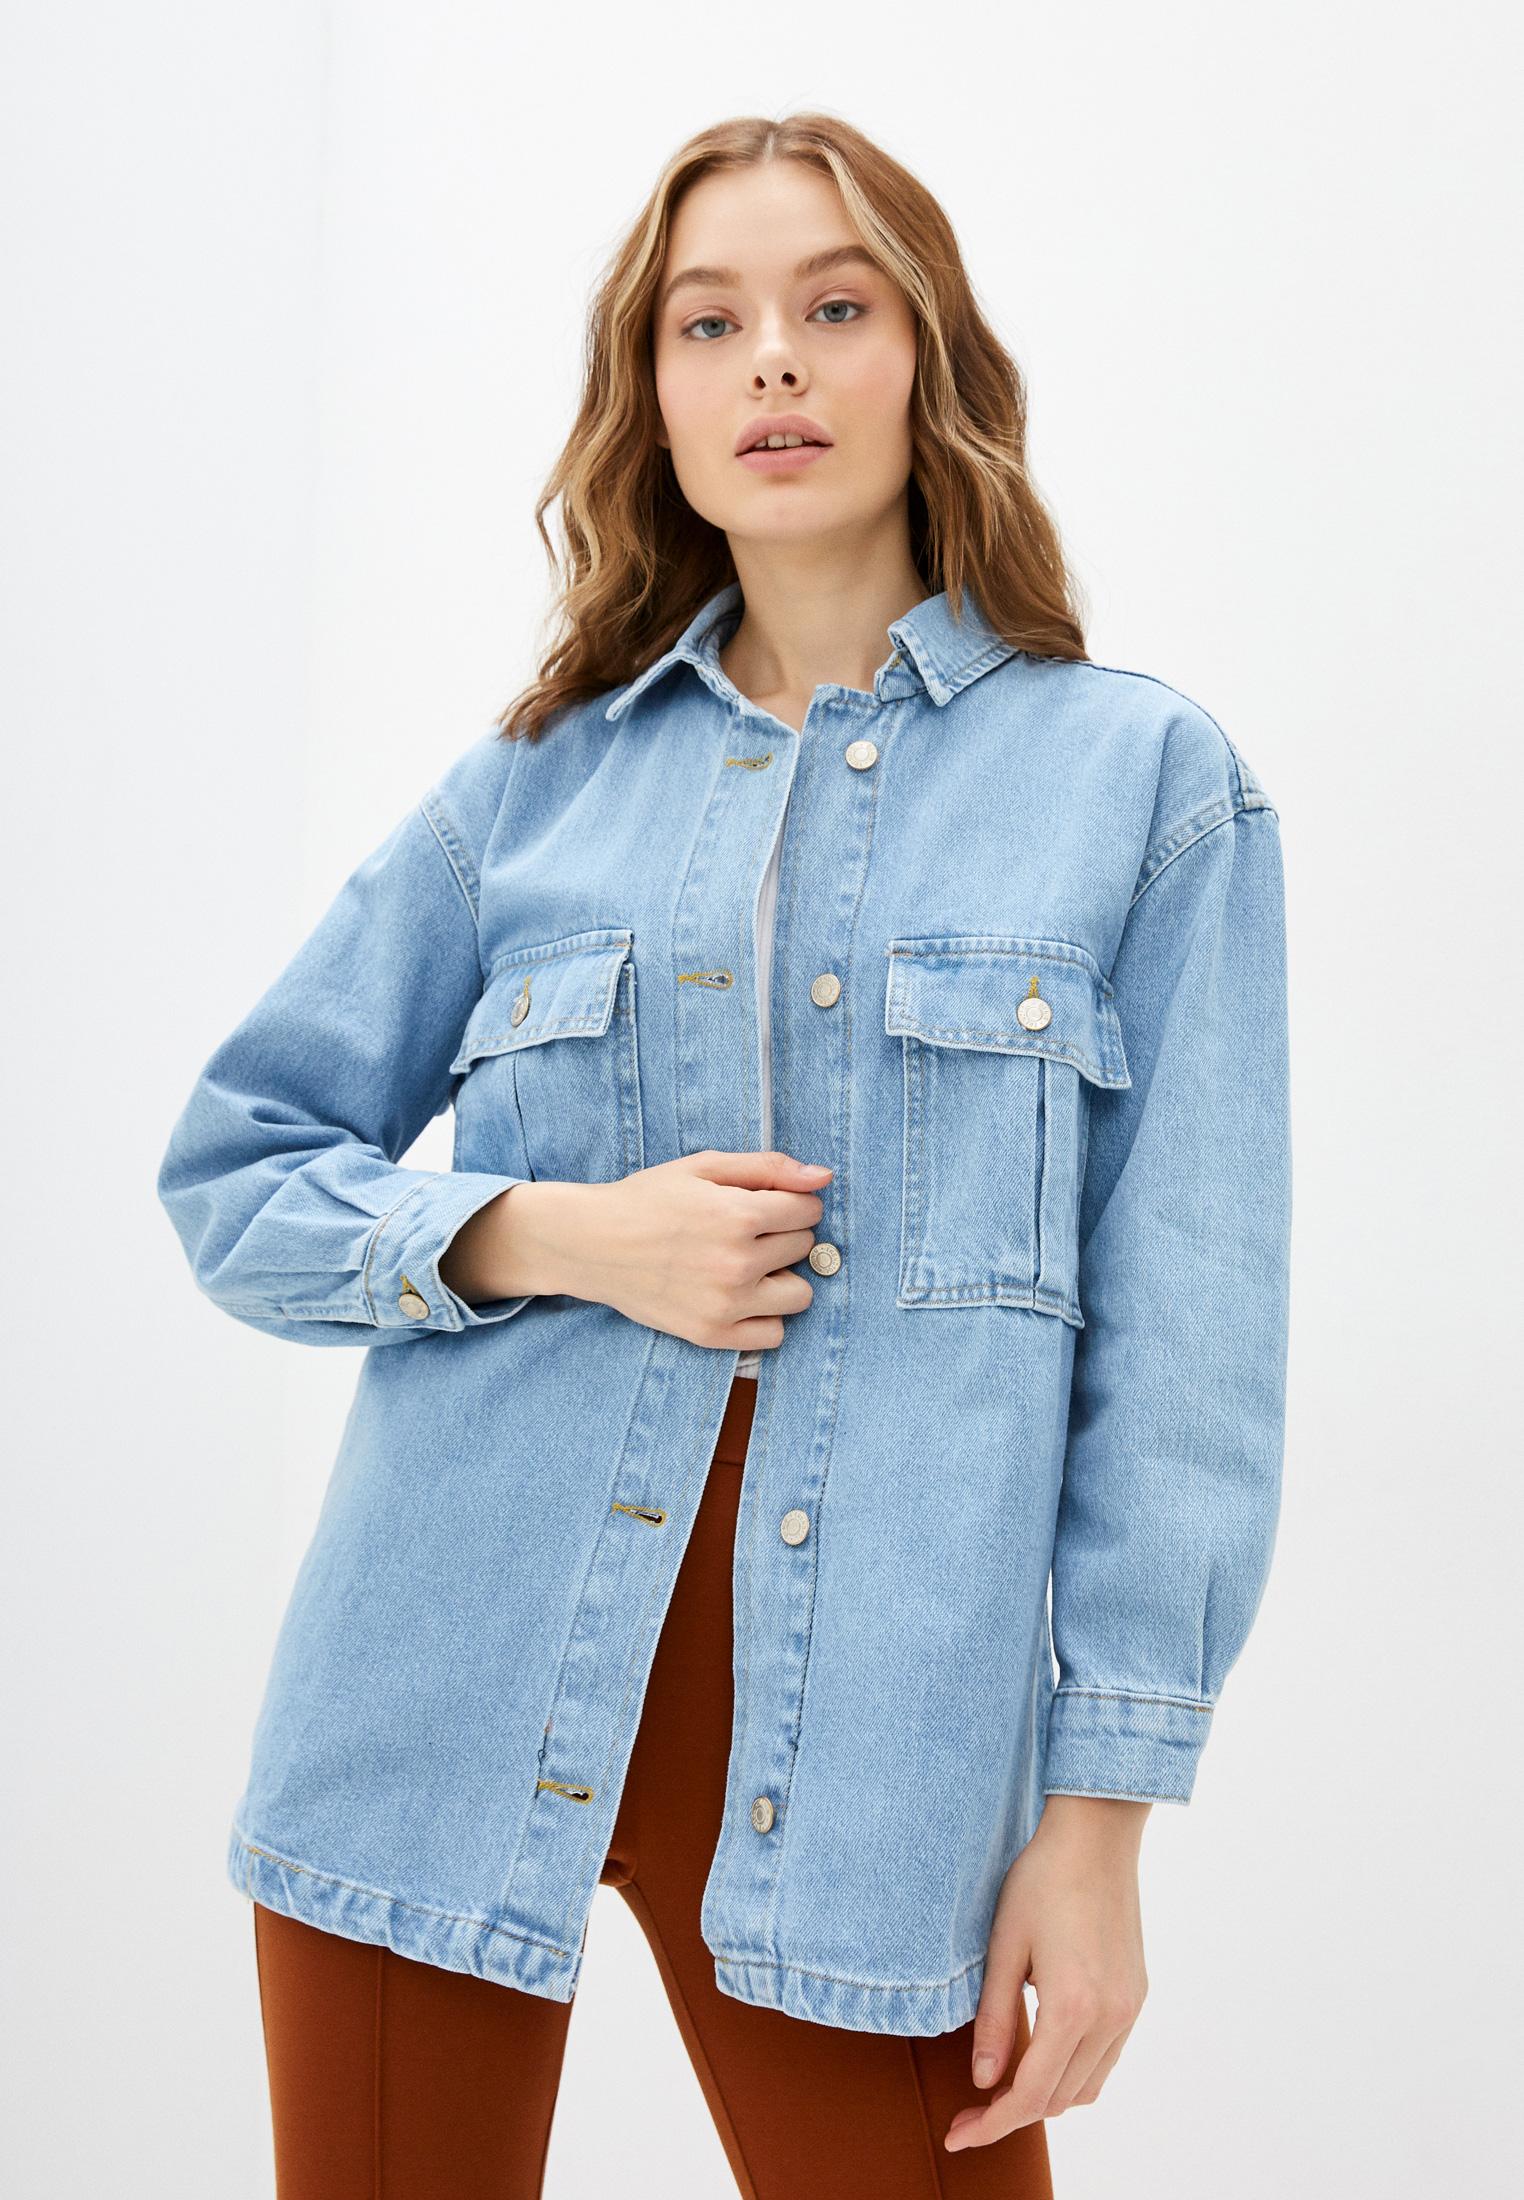 Рубашка Trendyol Рубашка джинсовая Trendyol